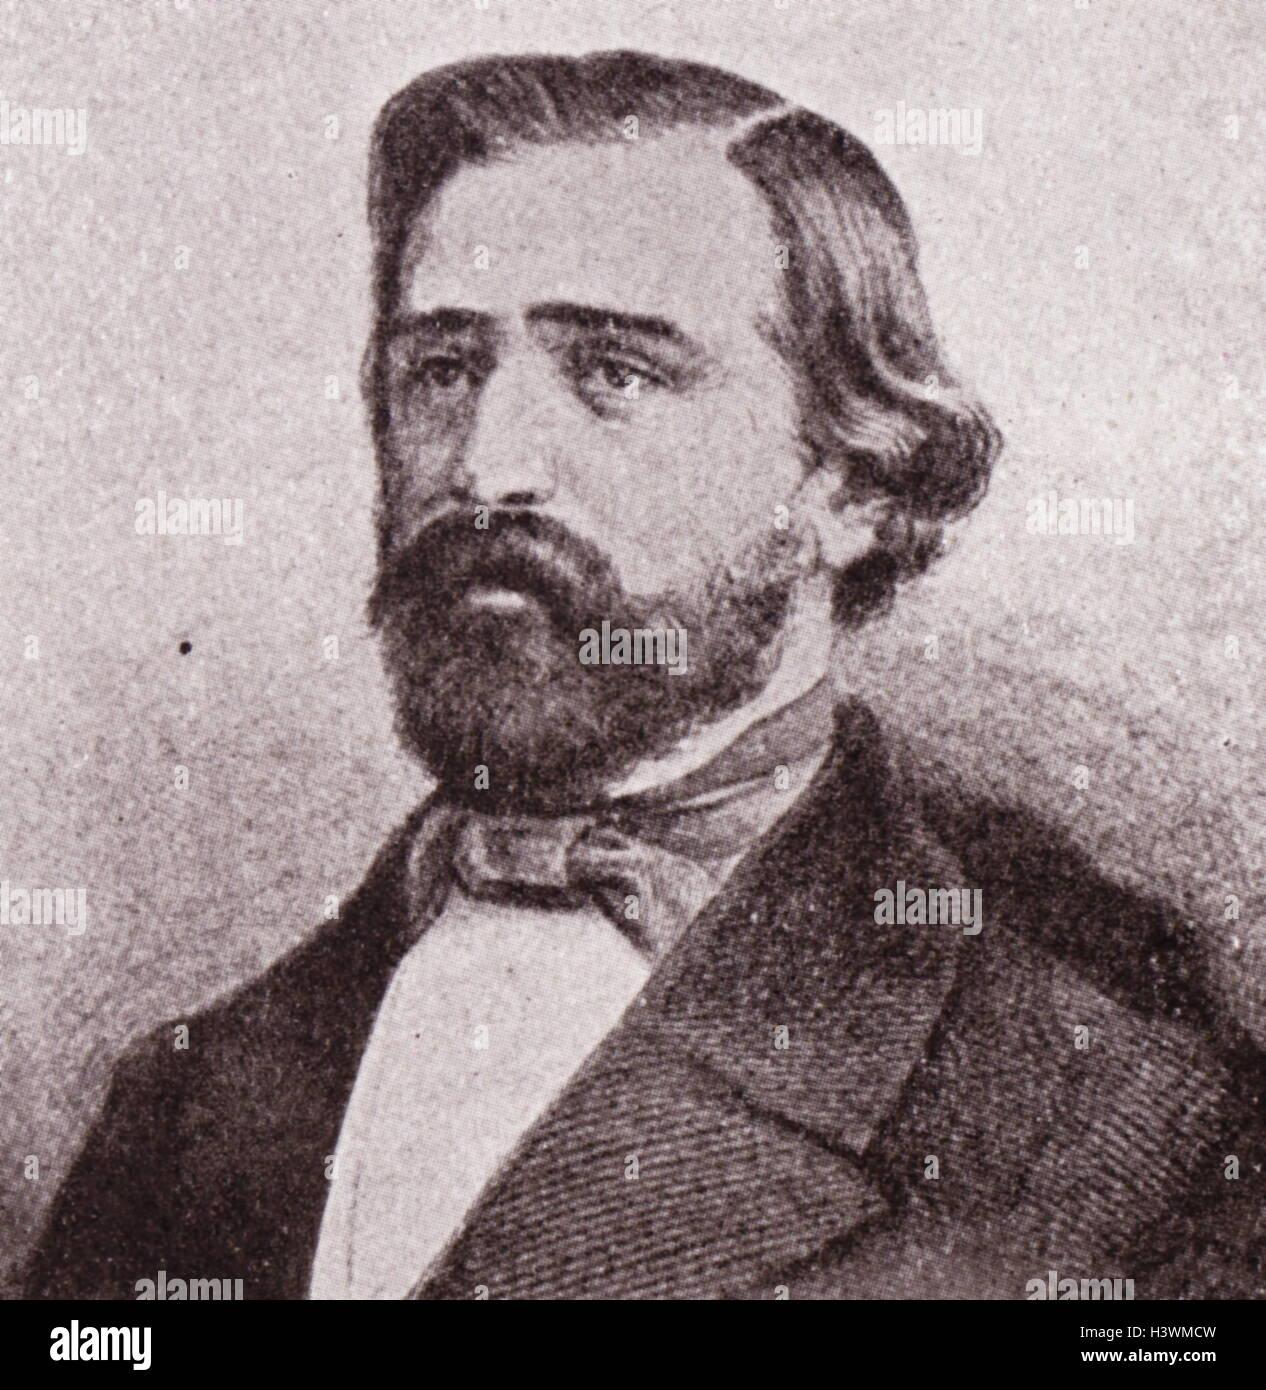 Portrait of Ritratto di Giuseppe Verdi (1813-1901) an Italian composer. Dated 19th Century - Stock Image